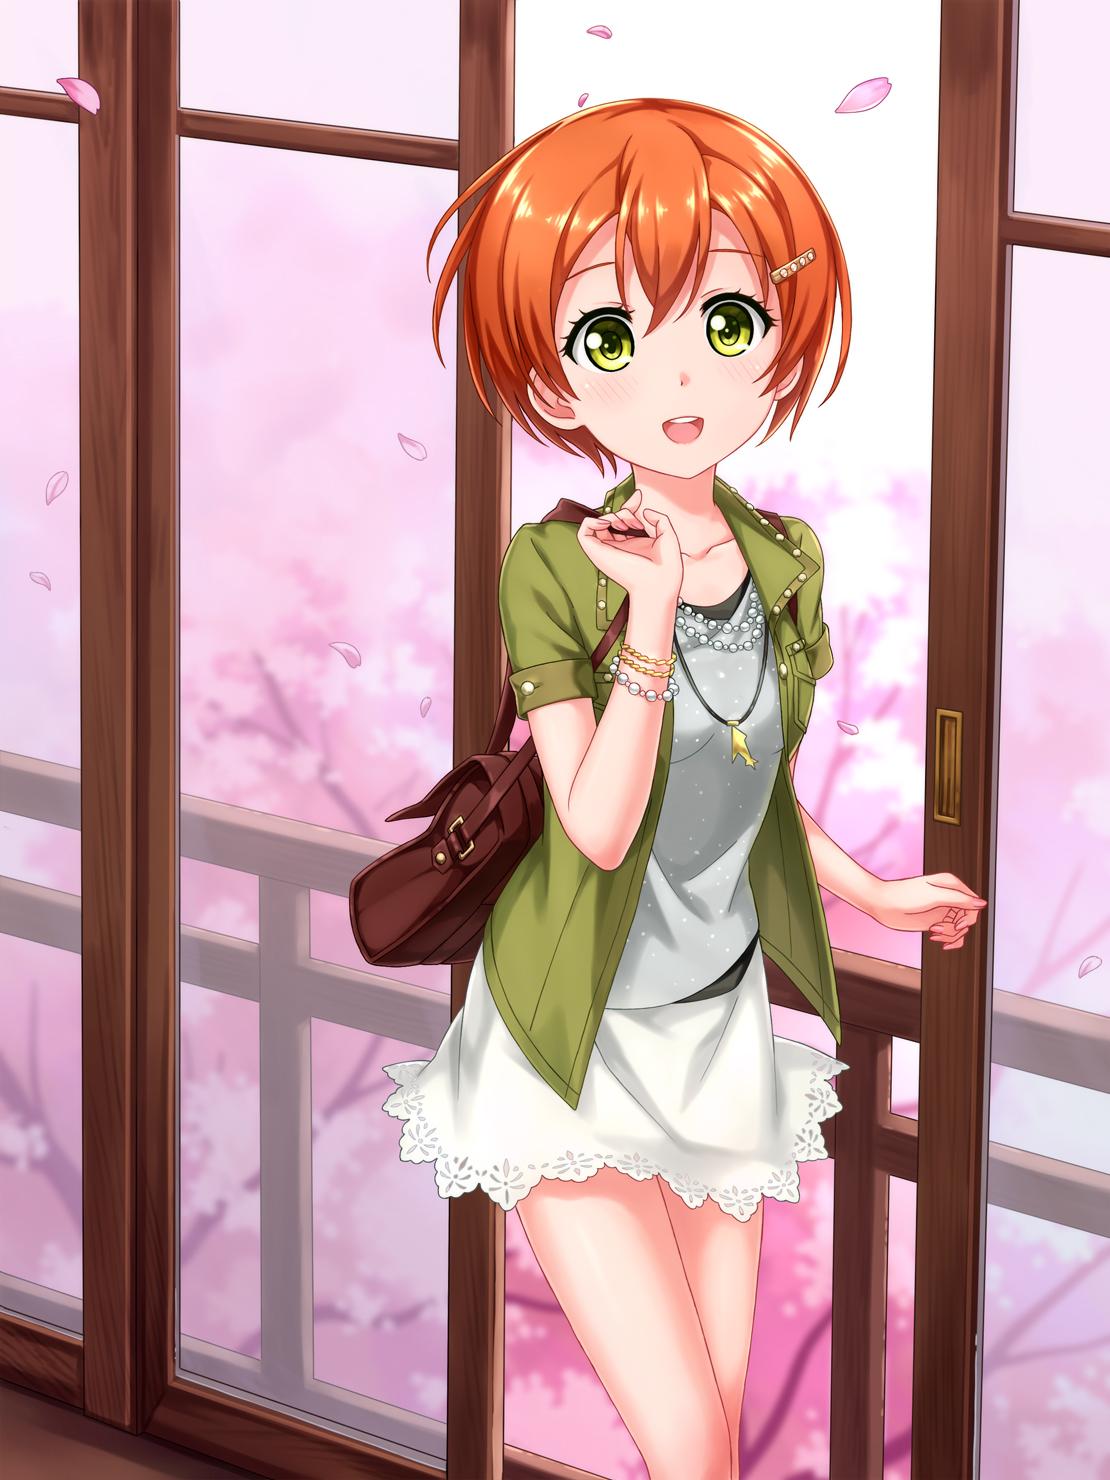 ラブライブ! 星空凛 / LoveLive! Hoshizora Rin #2321